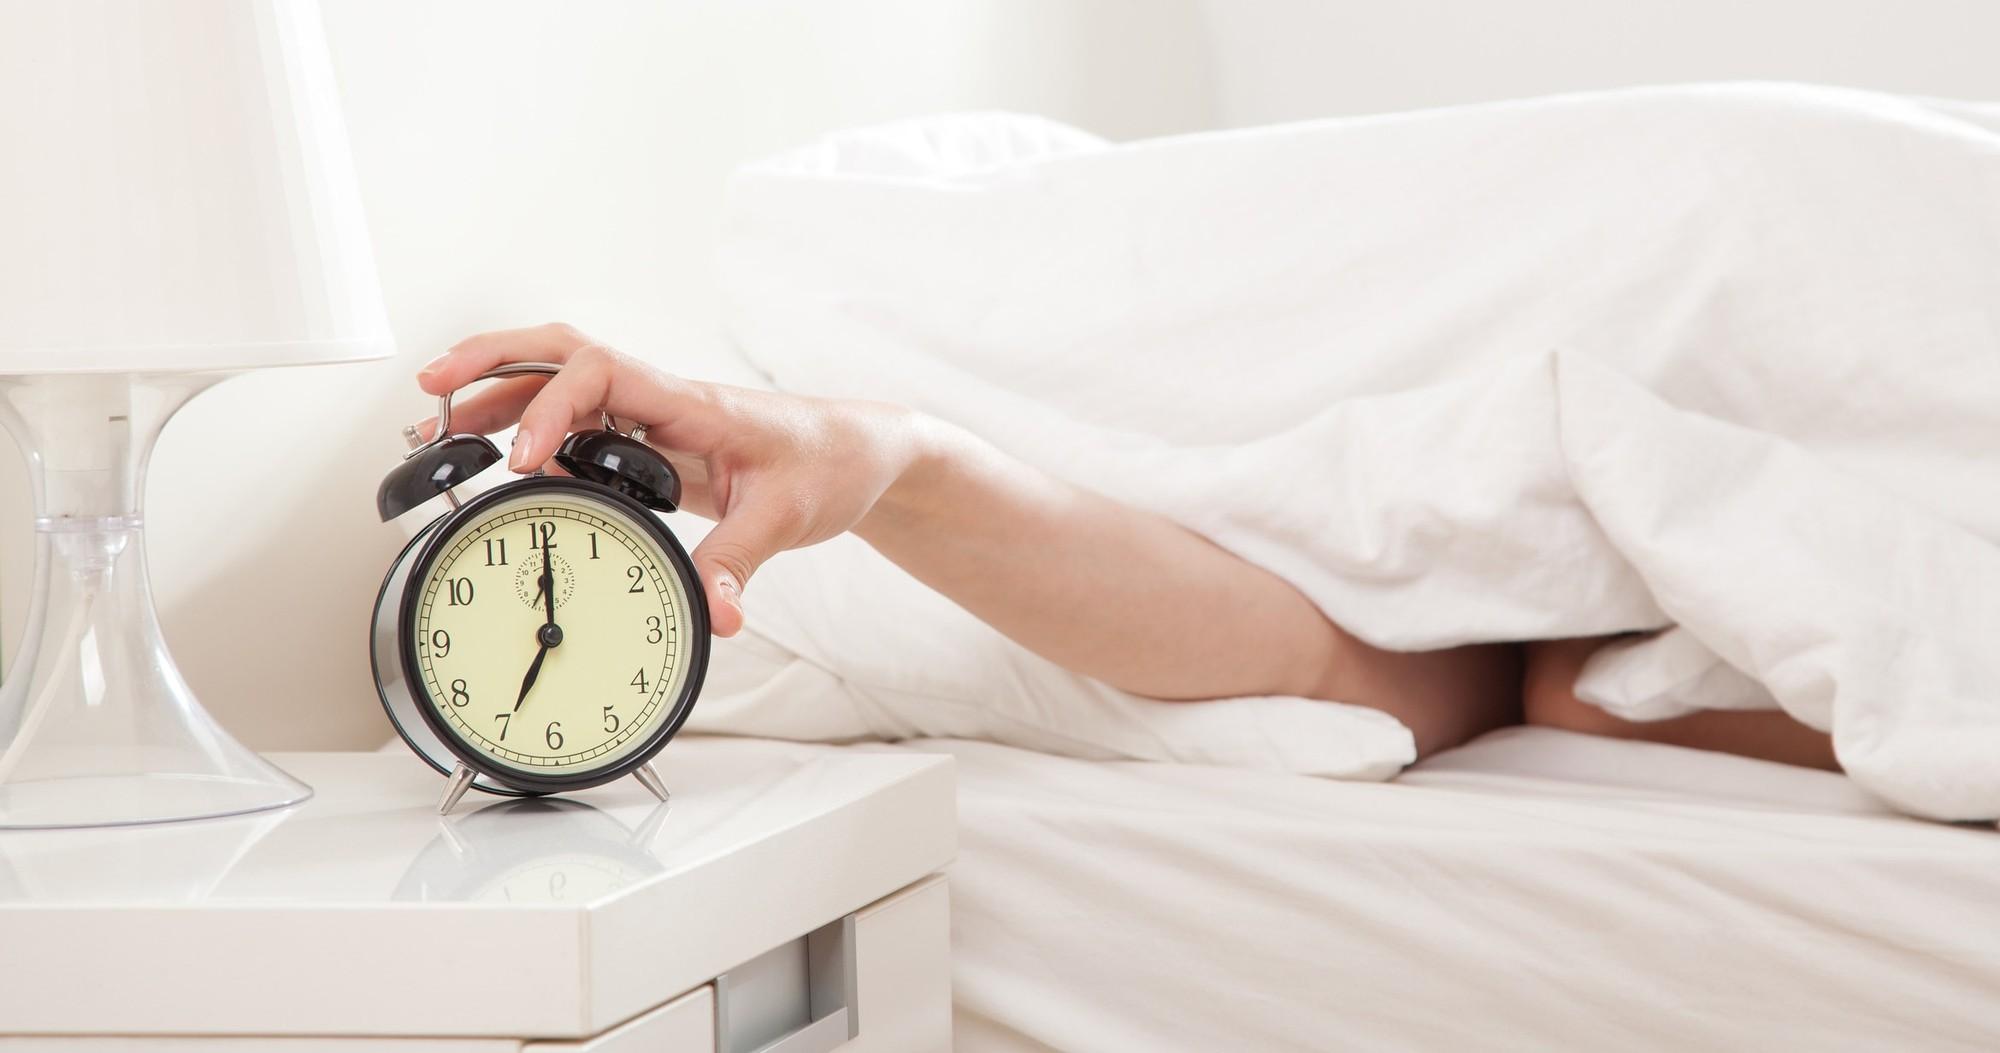 Thói quen giới trẻ rất hay mắc phải vào buổi sáng nhưng ít người biết đến tác hại của nó - Ảnh 5.